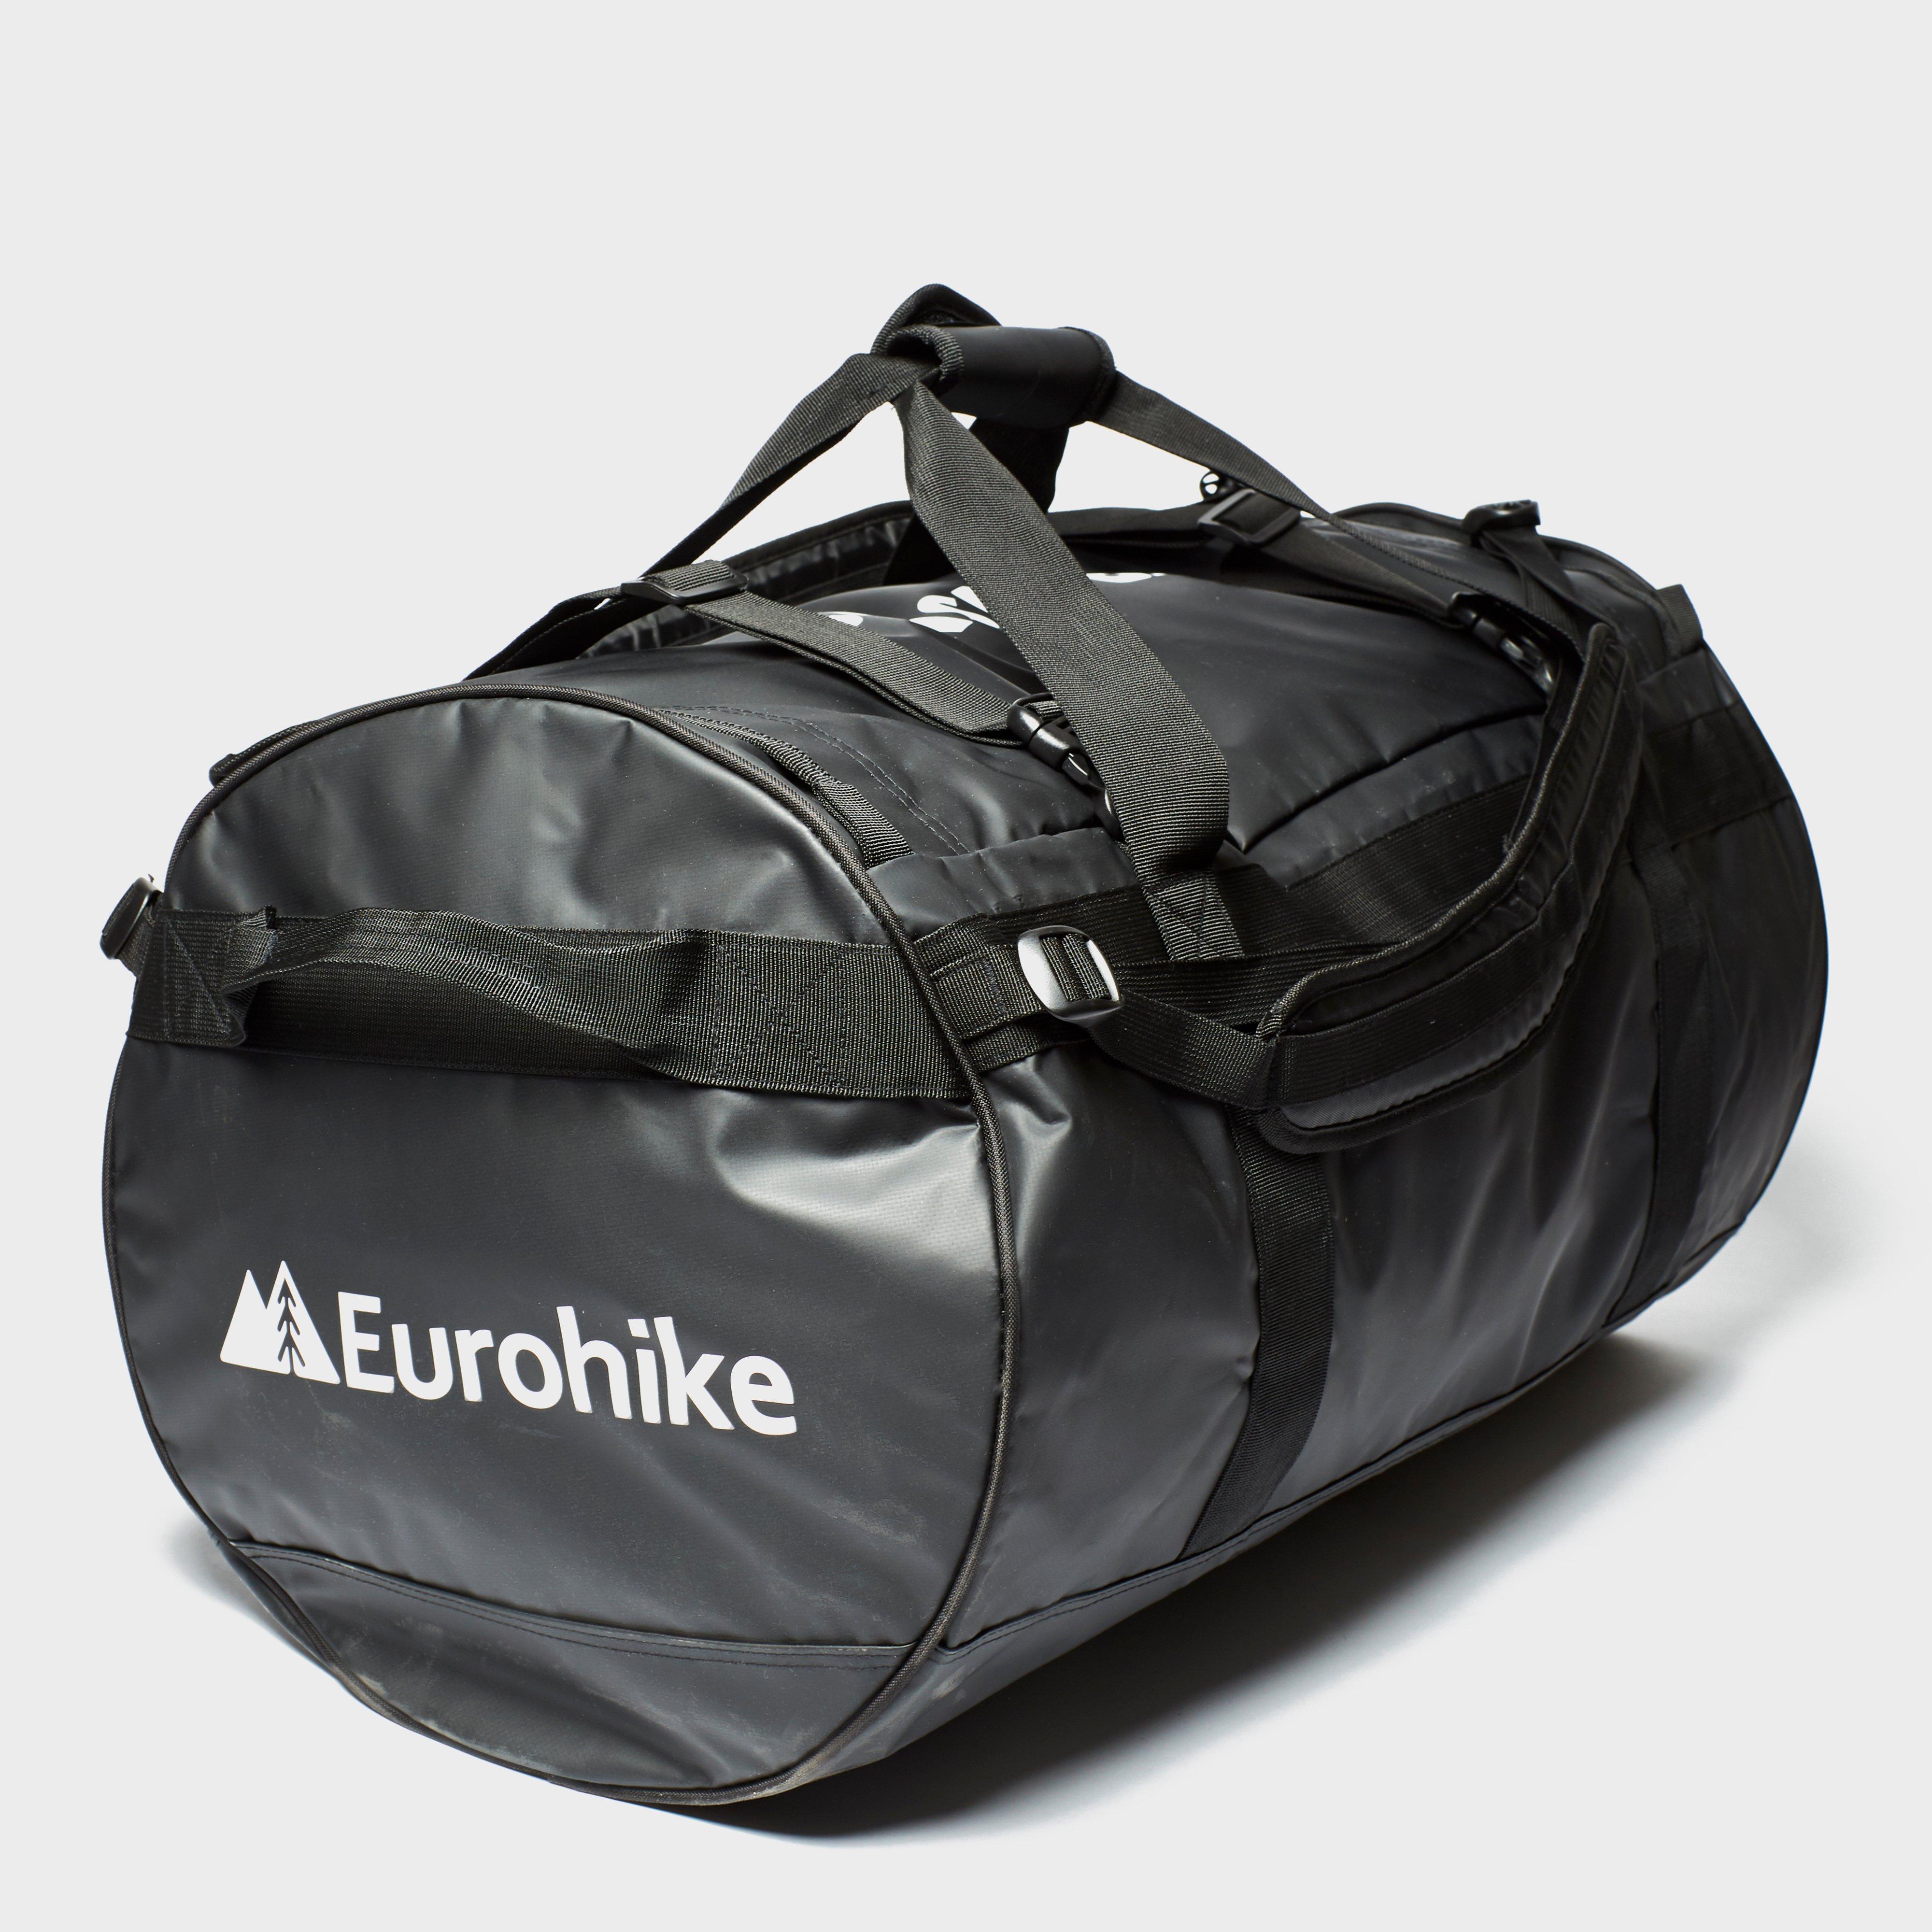 Eurohike Eurohike Transit 90L Cargo Bag - Black, Black